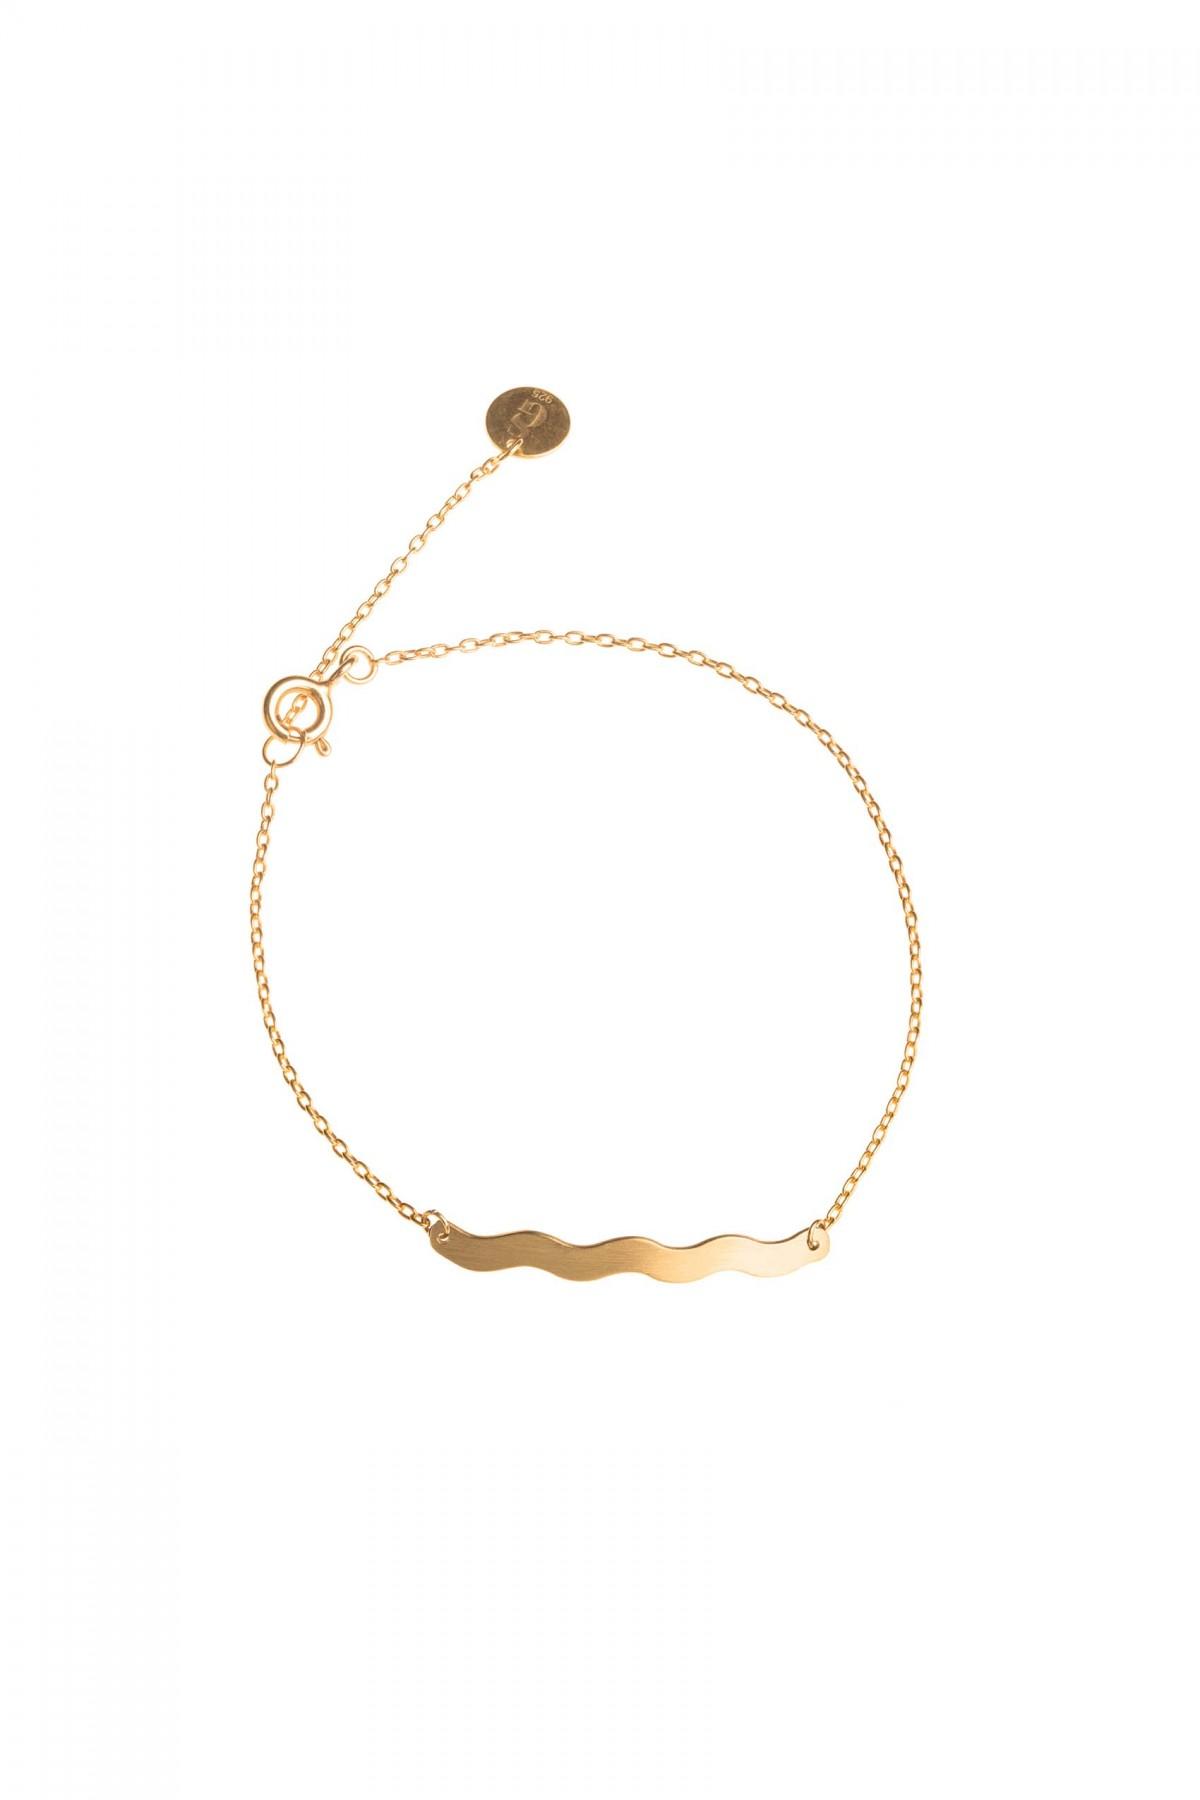 Wave of Life Bracelet